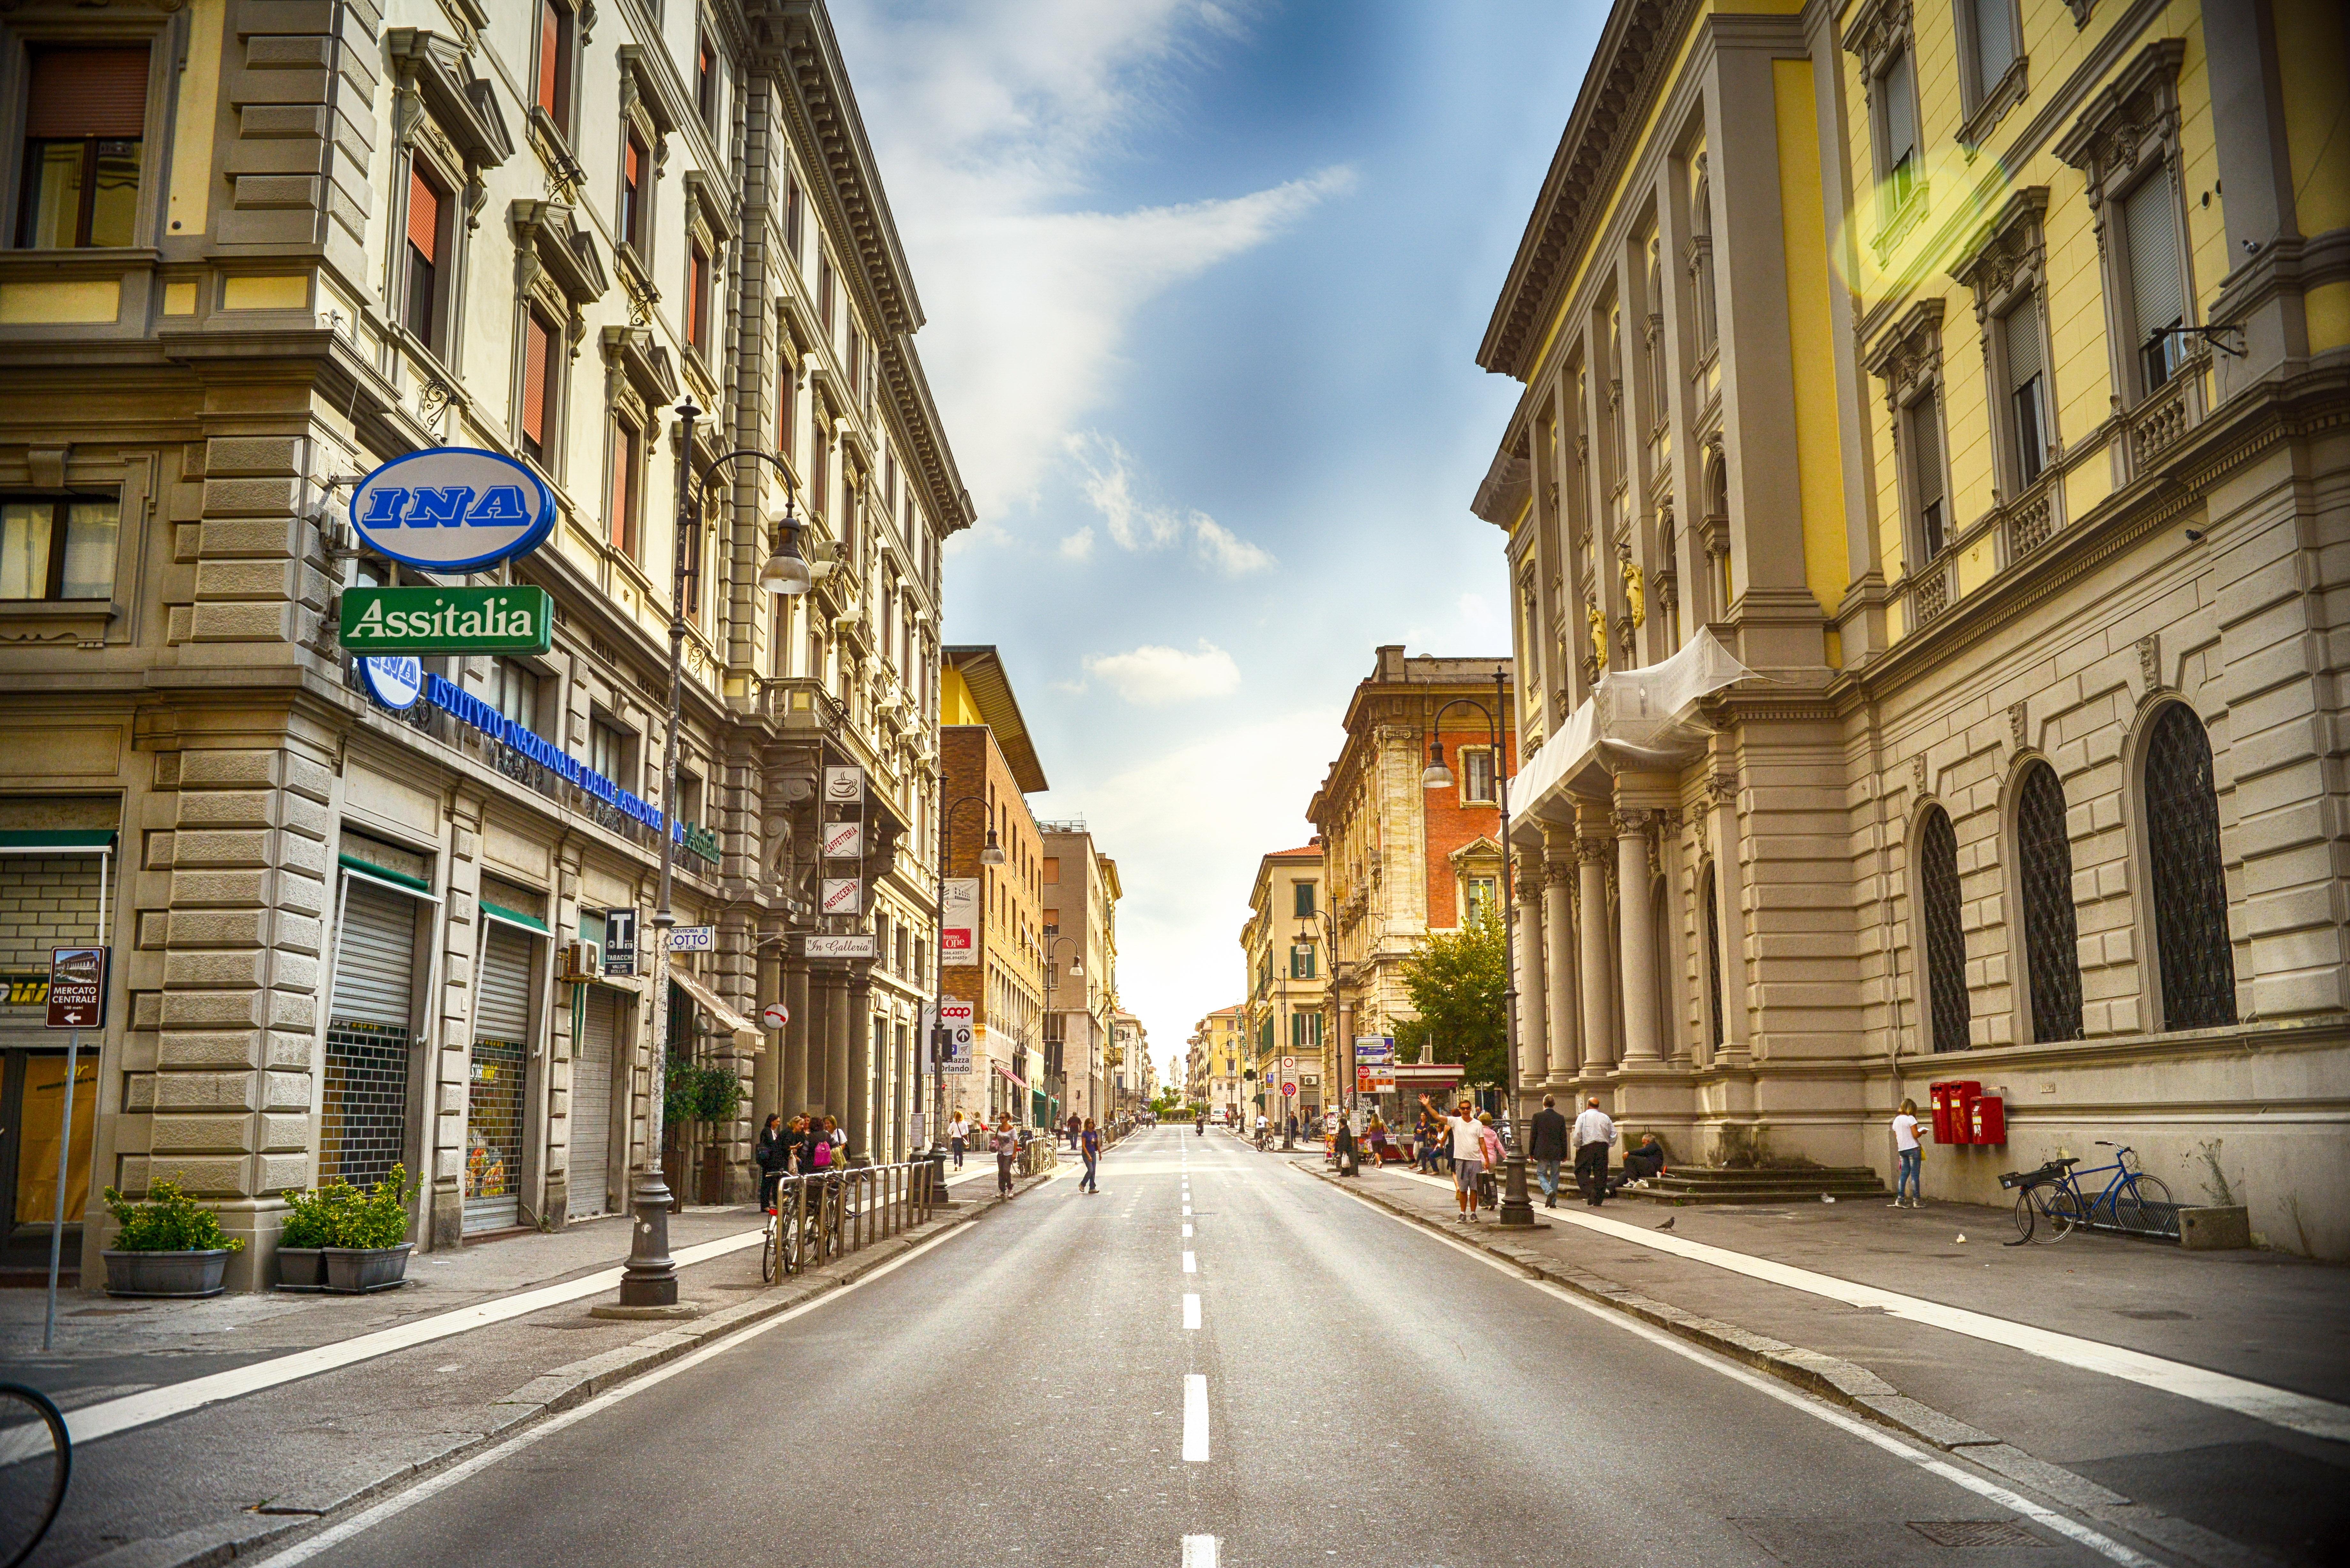 Картинка улицы с домами и дорогой